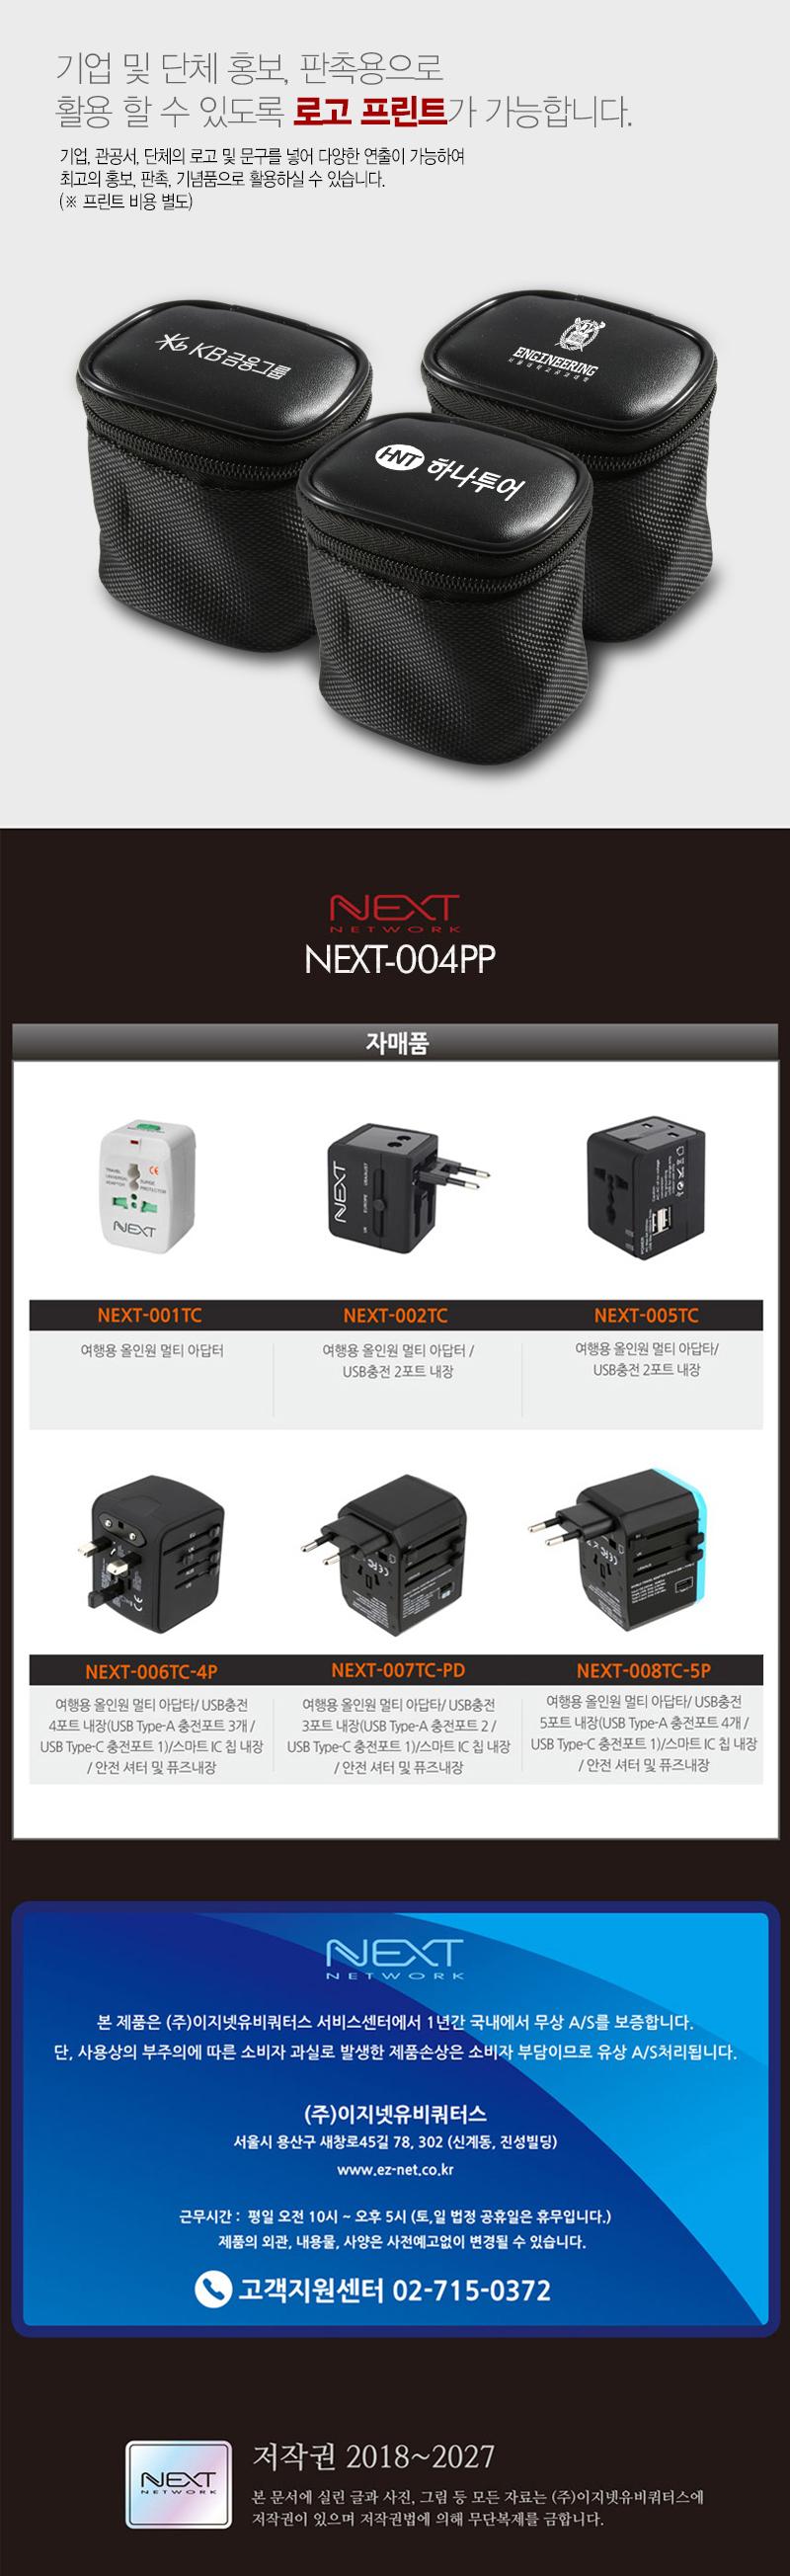 이지넷유비쿼터스  멀티플러그용 고급 파우치 NEXT-004PP